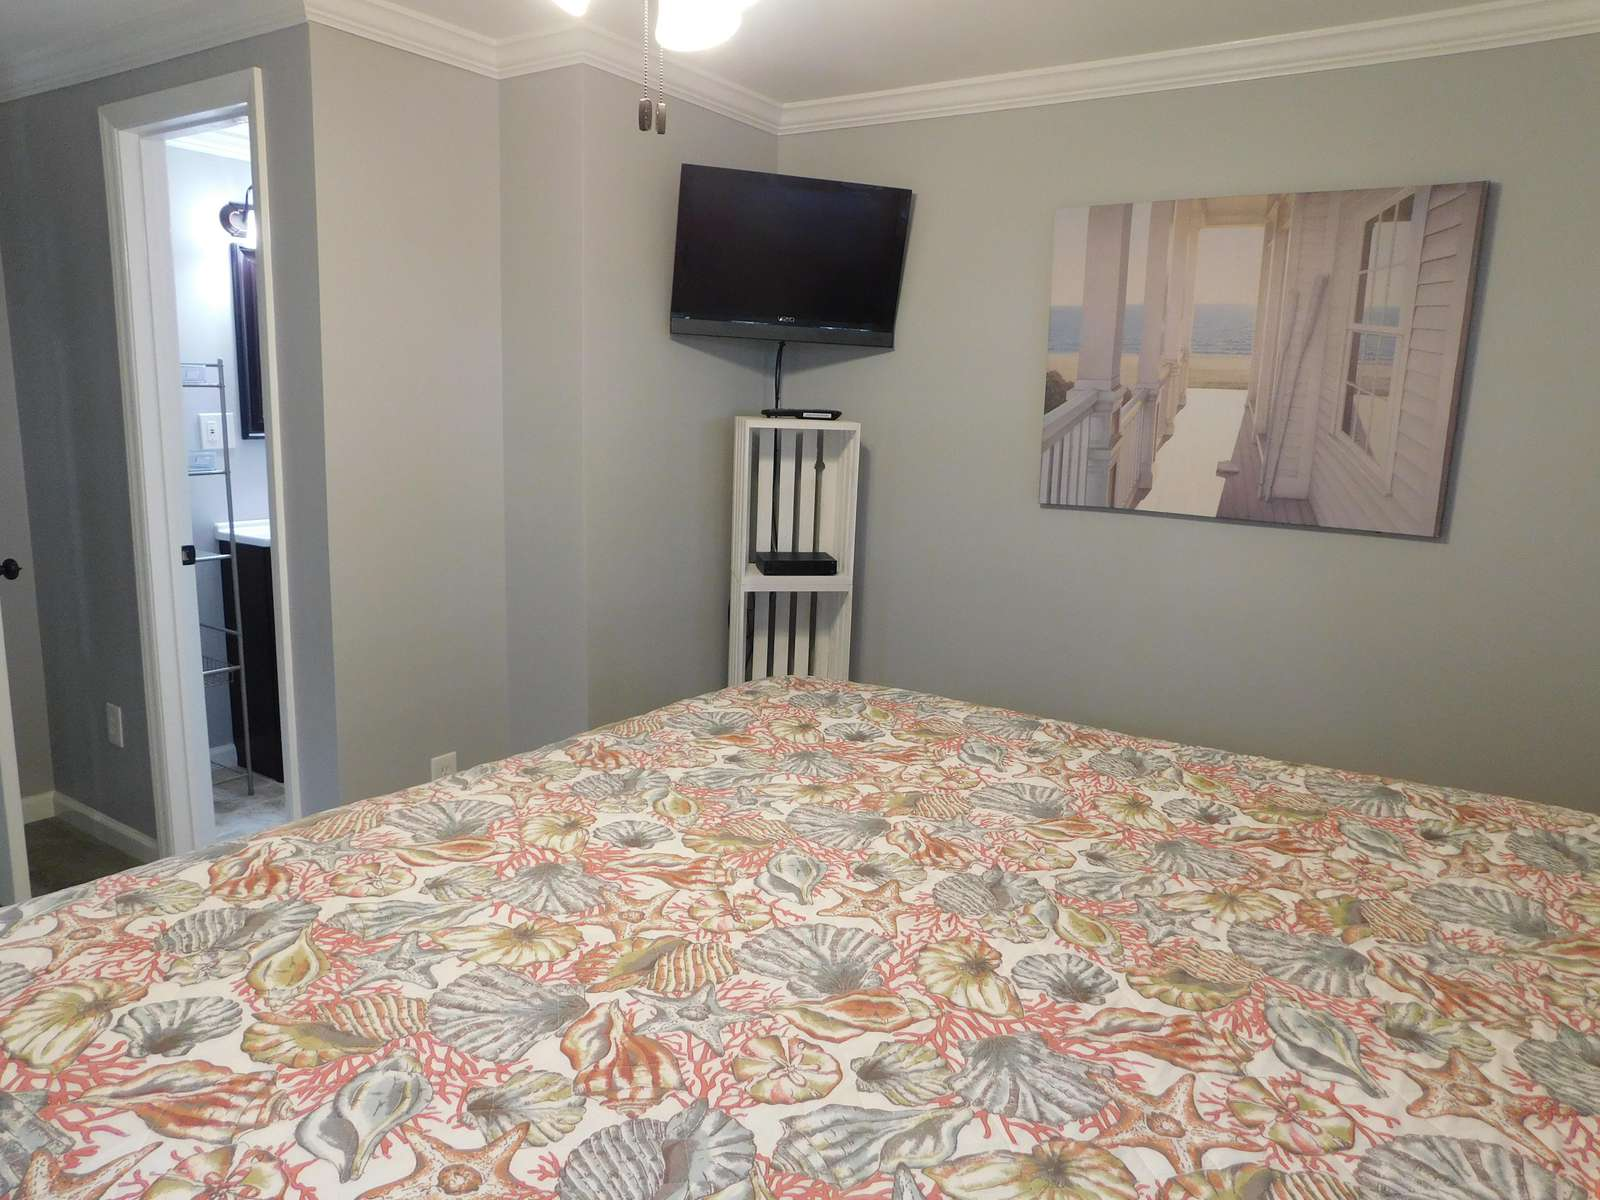 Flat screen in Master Bedroom